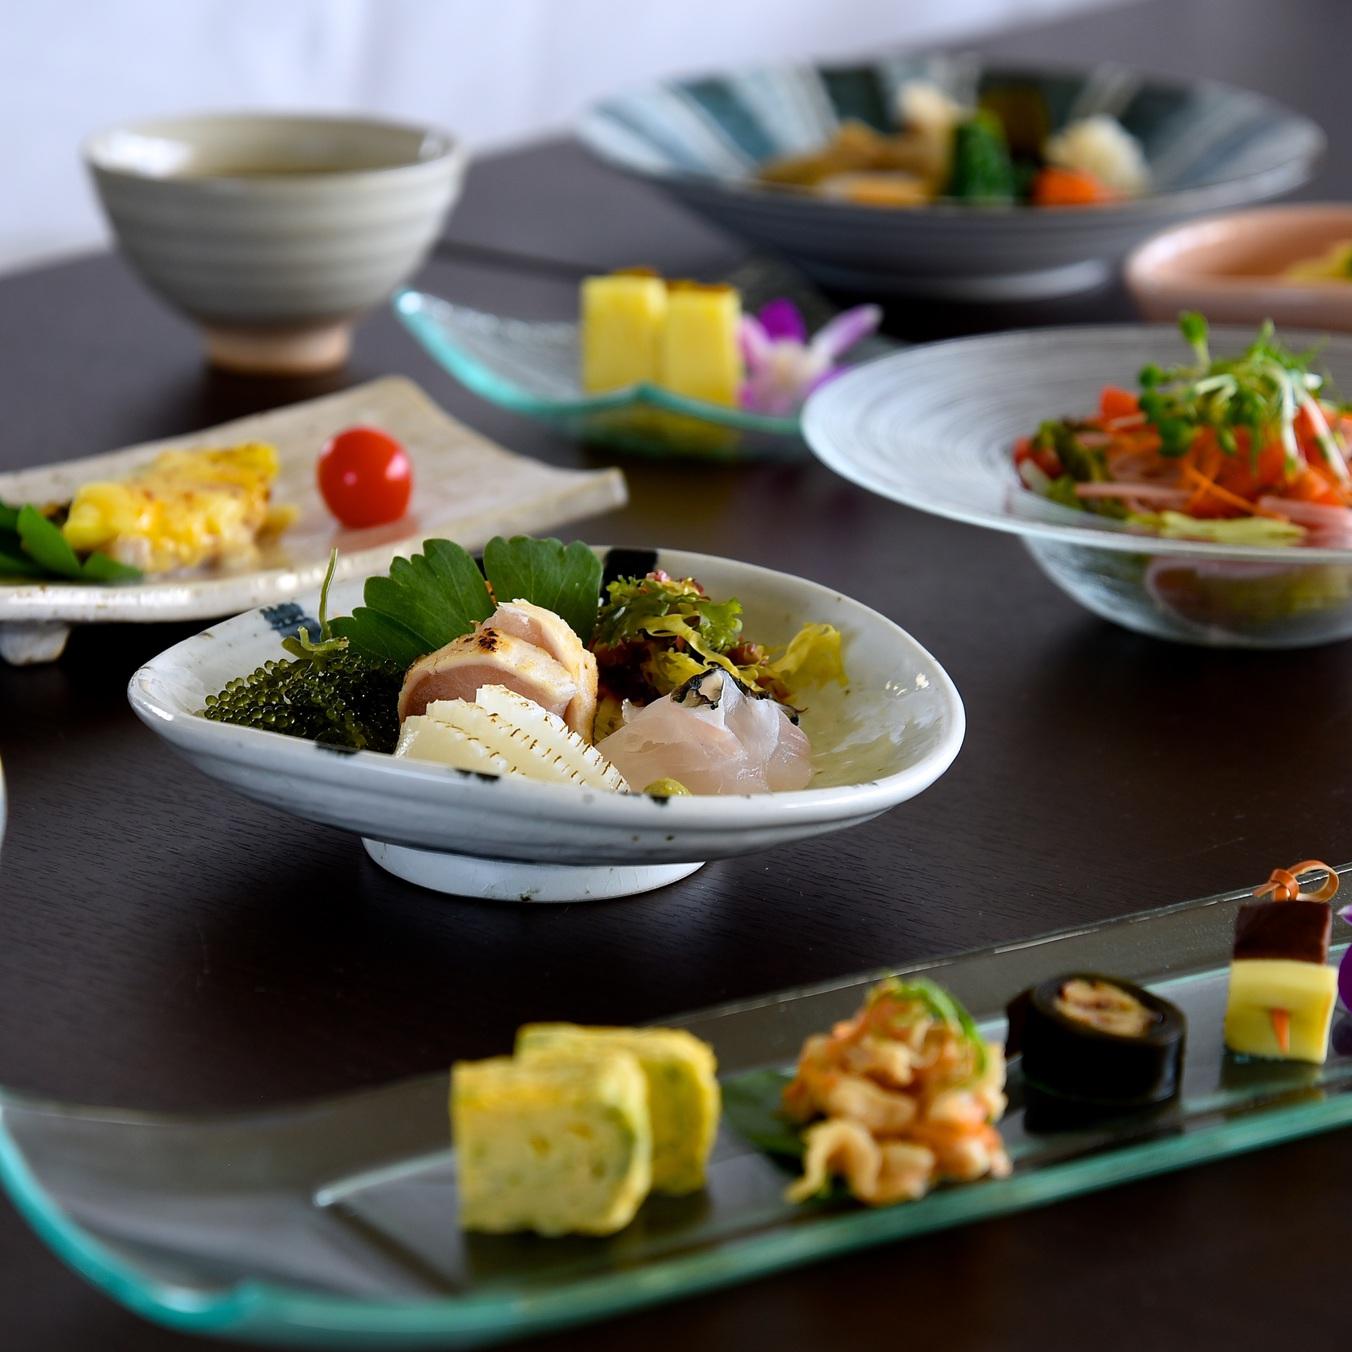 【美味彩菜】 沖縄の郷土料理に舌鼓 美らさん会席プラン 夕食付♪